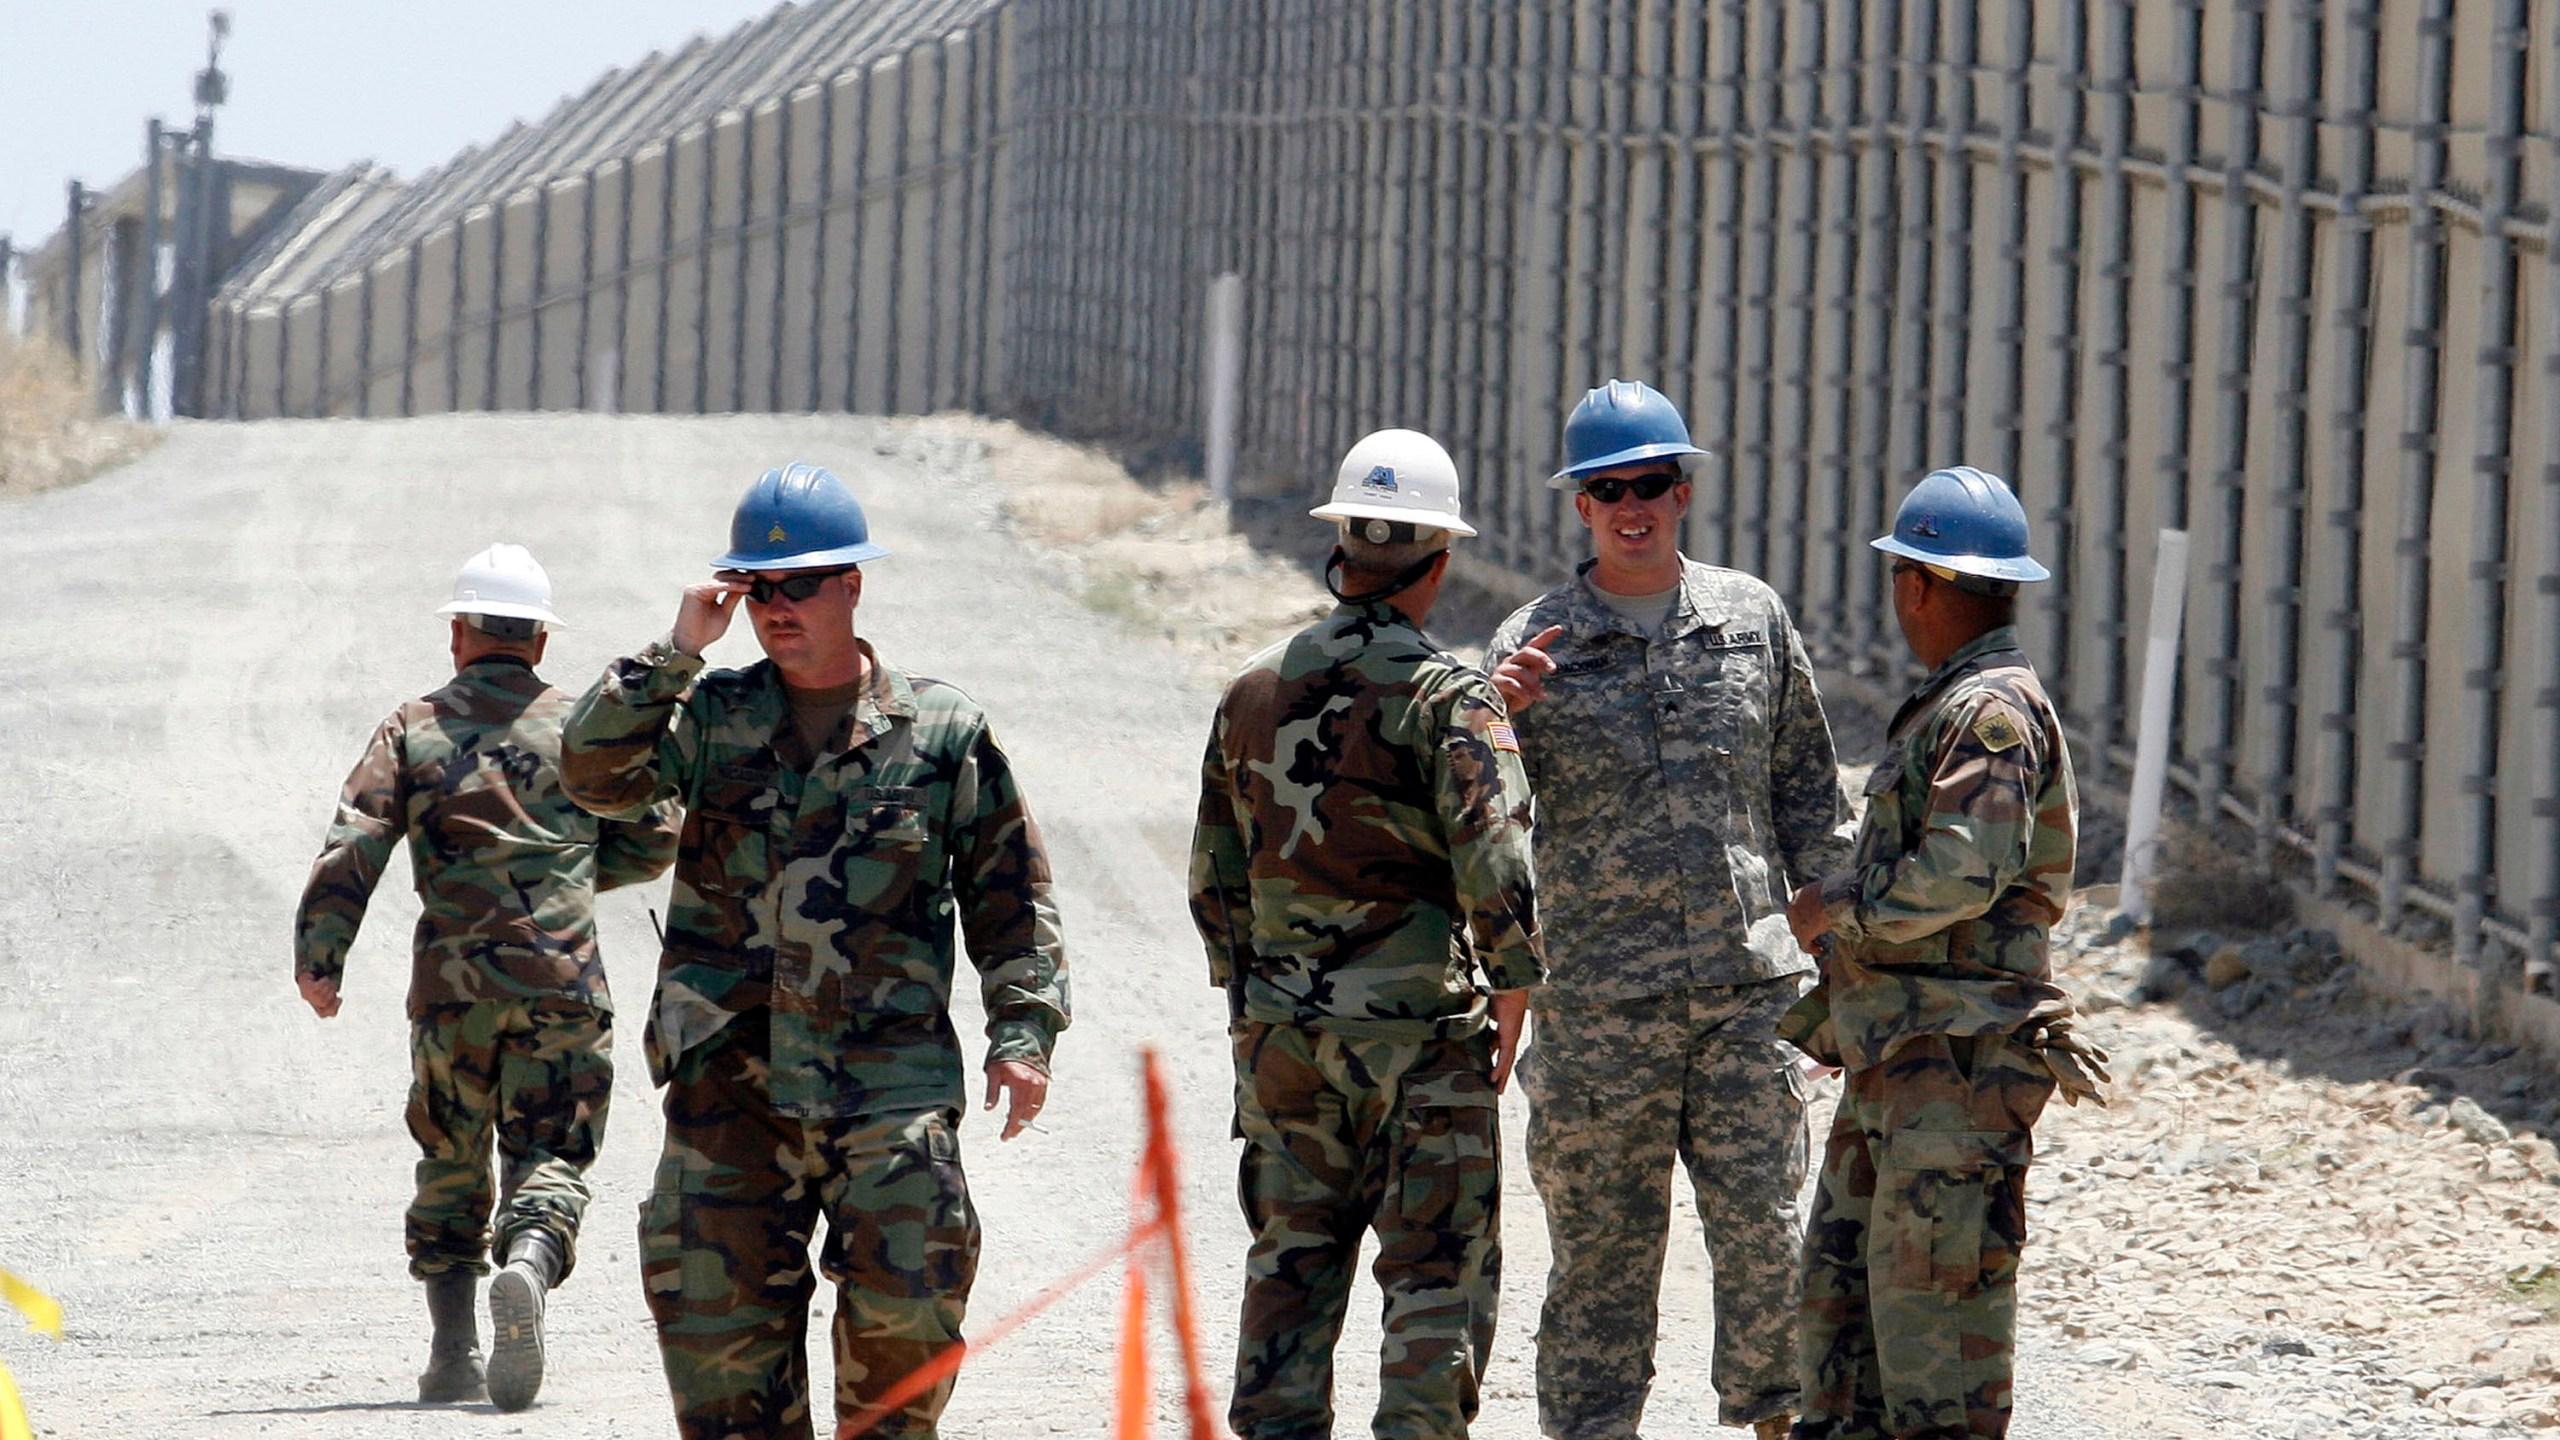 Trump_Border_65865-159532.jpg92575705